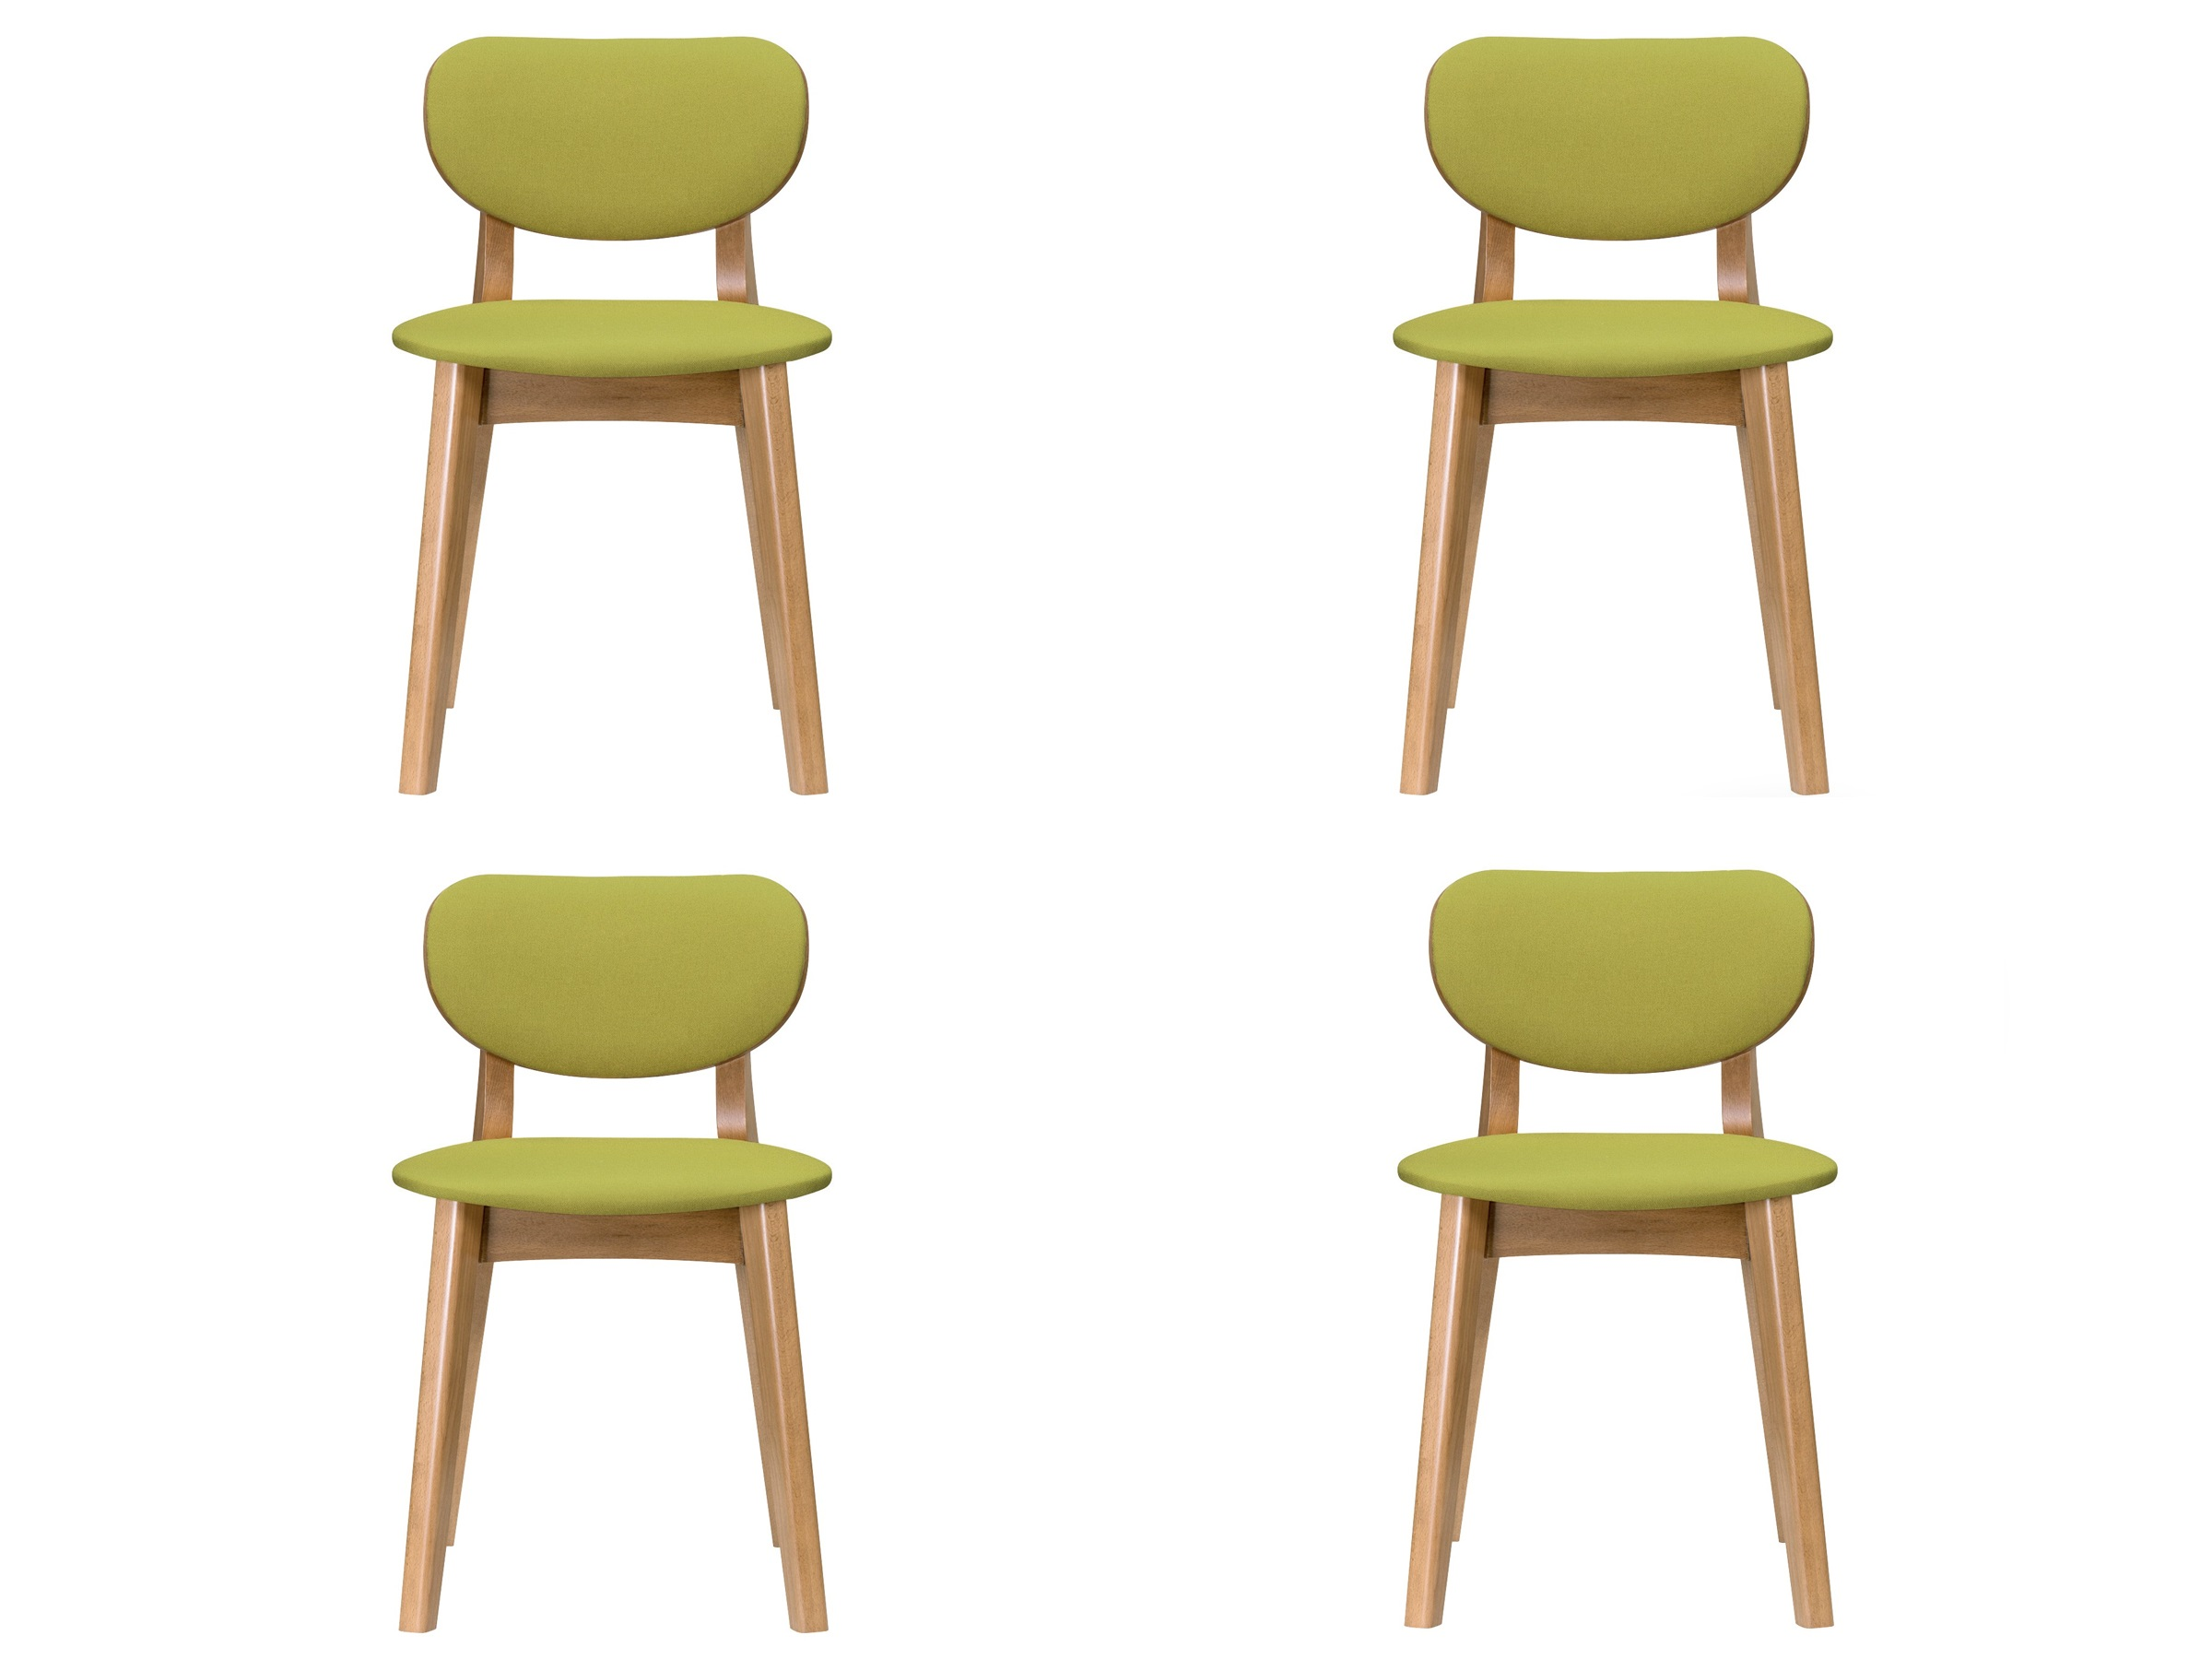 Комплект из 4 стульев xavier (myfurnish) зеленый 45x79x45 см. фото